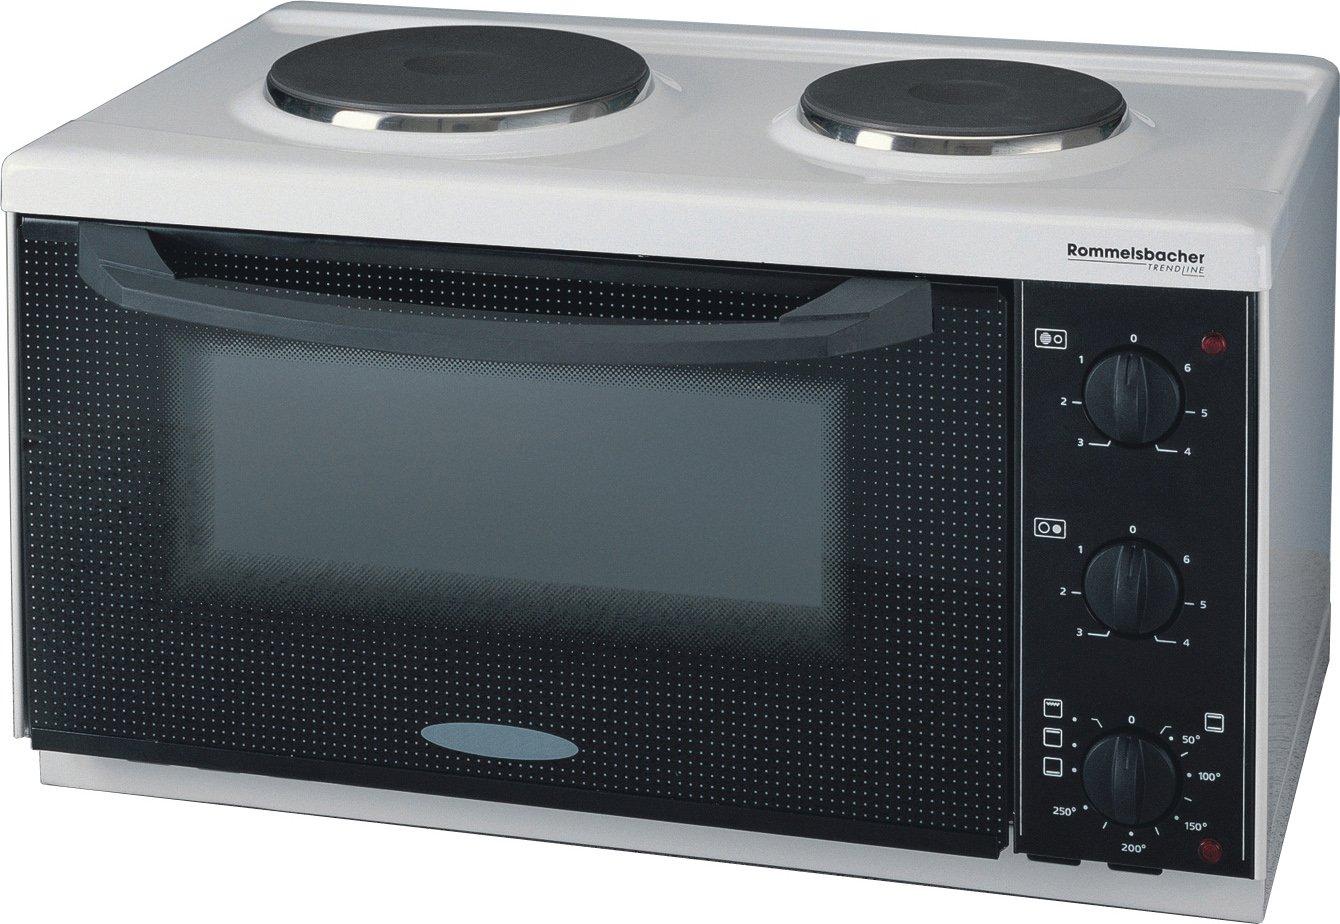 Miniküche Mit Kühlschrank Und Herd 120 Cm : Amazon.de mini küchen